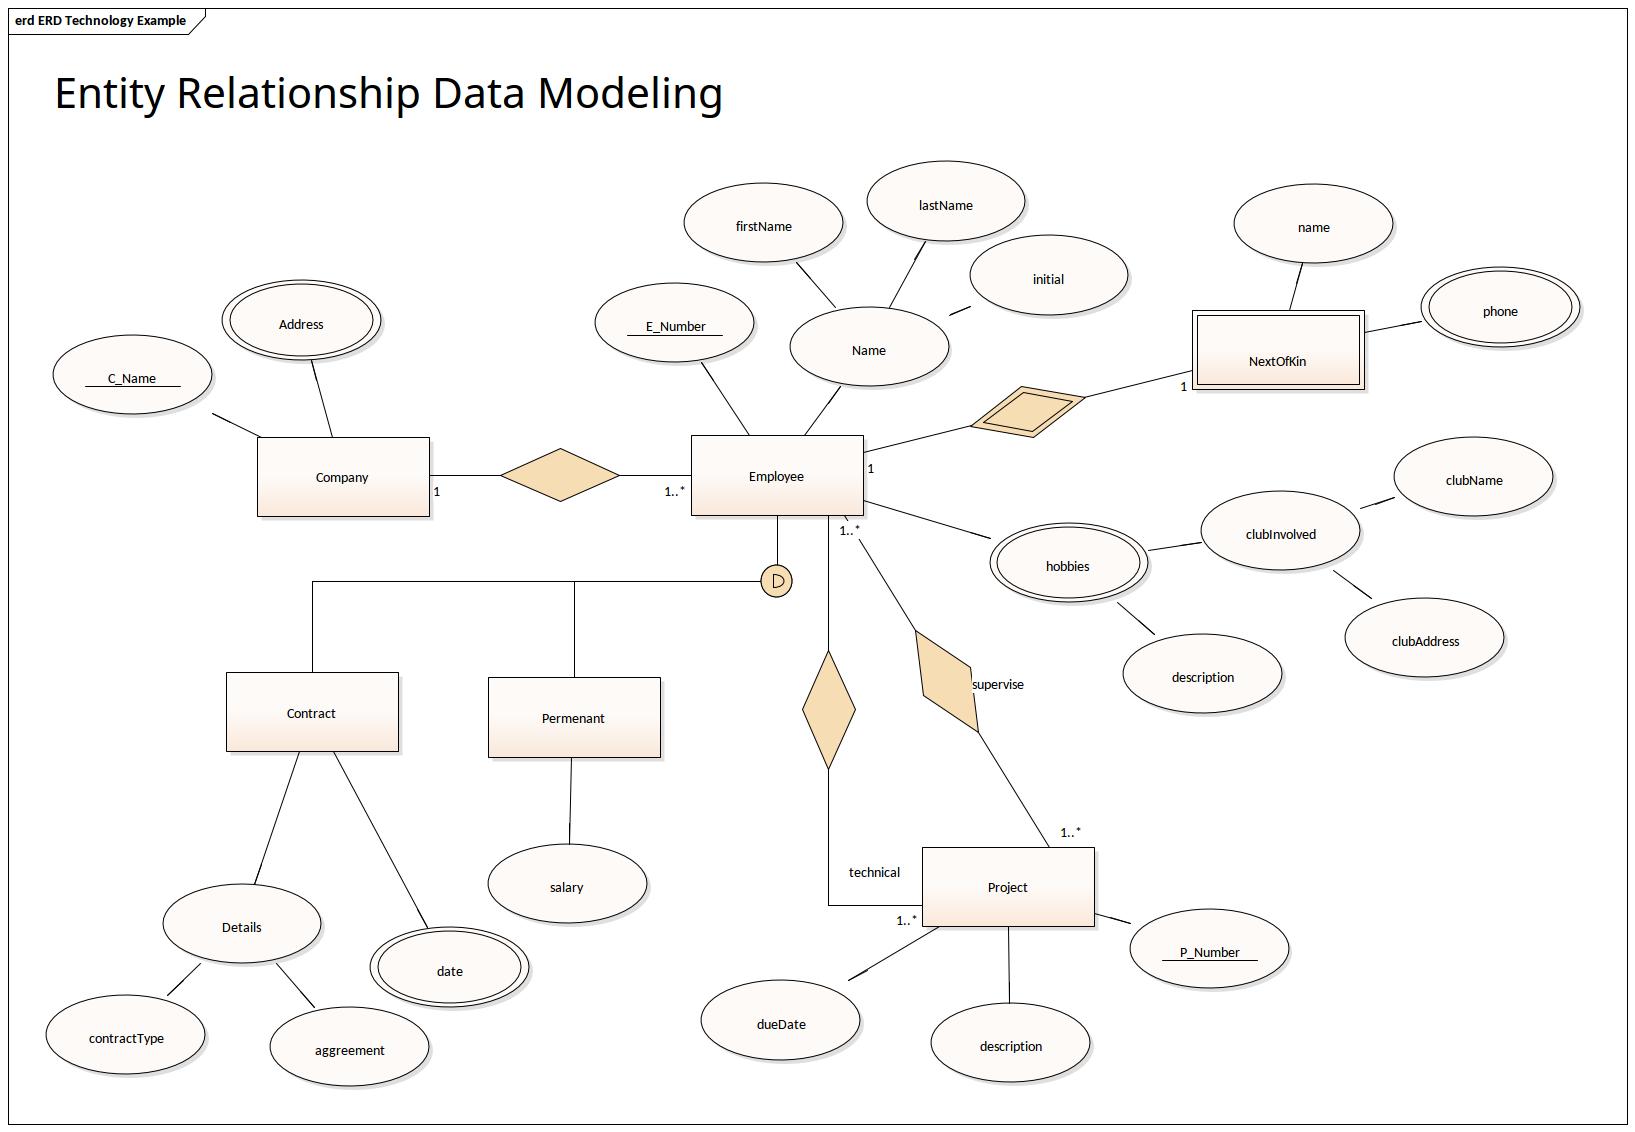 Entity Relationship Data Modeling   Enterprise Architect